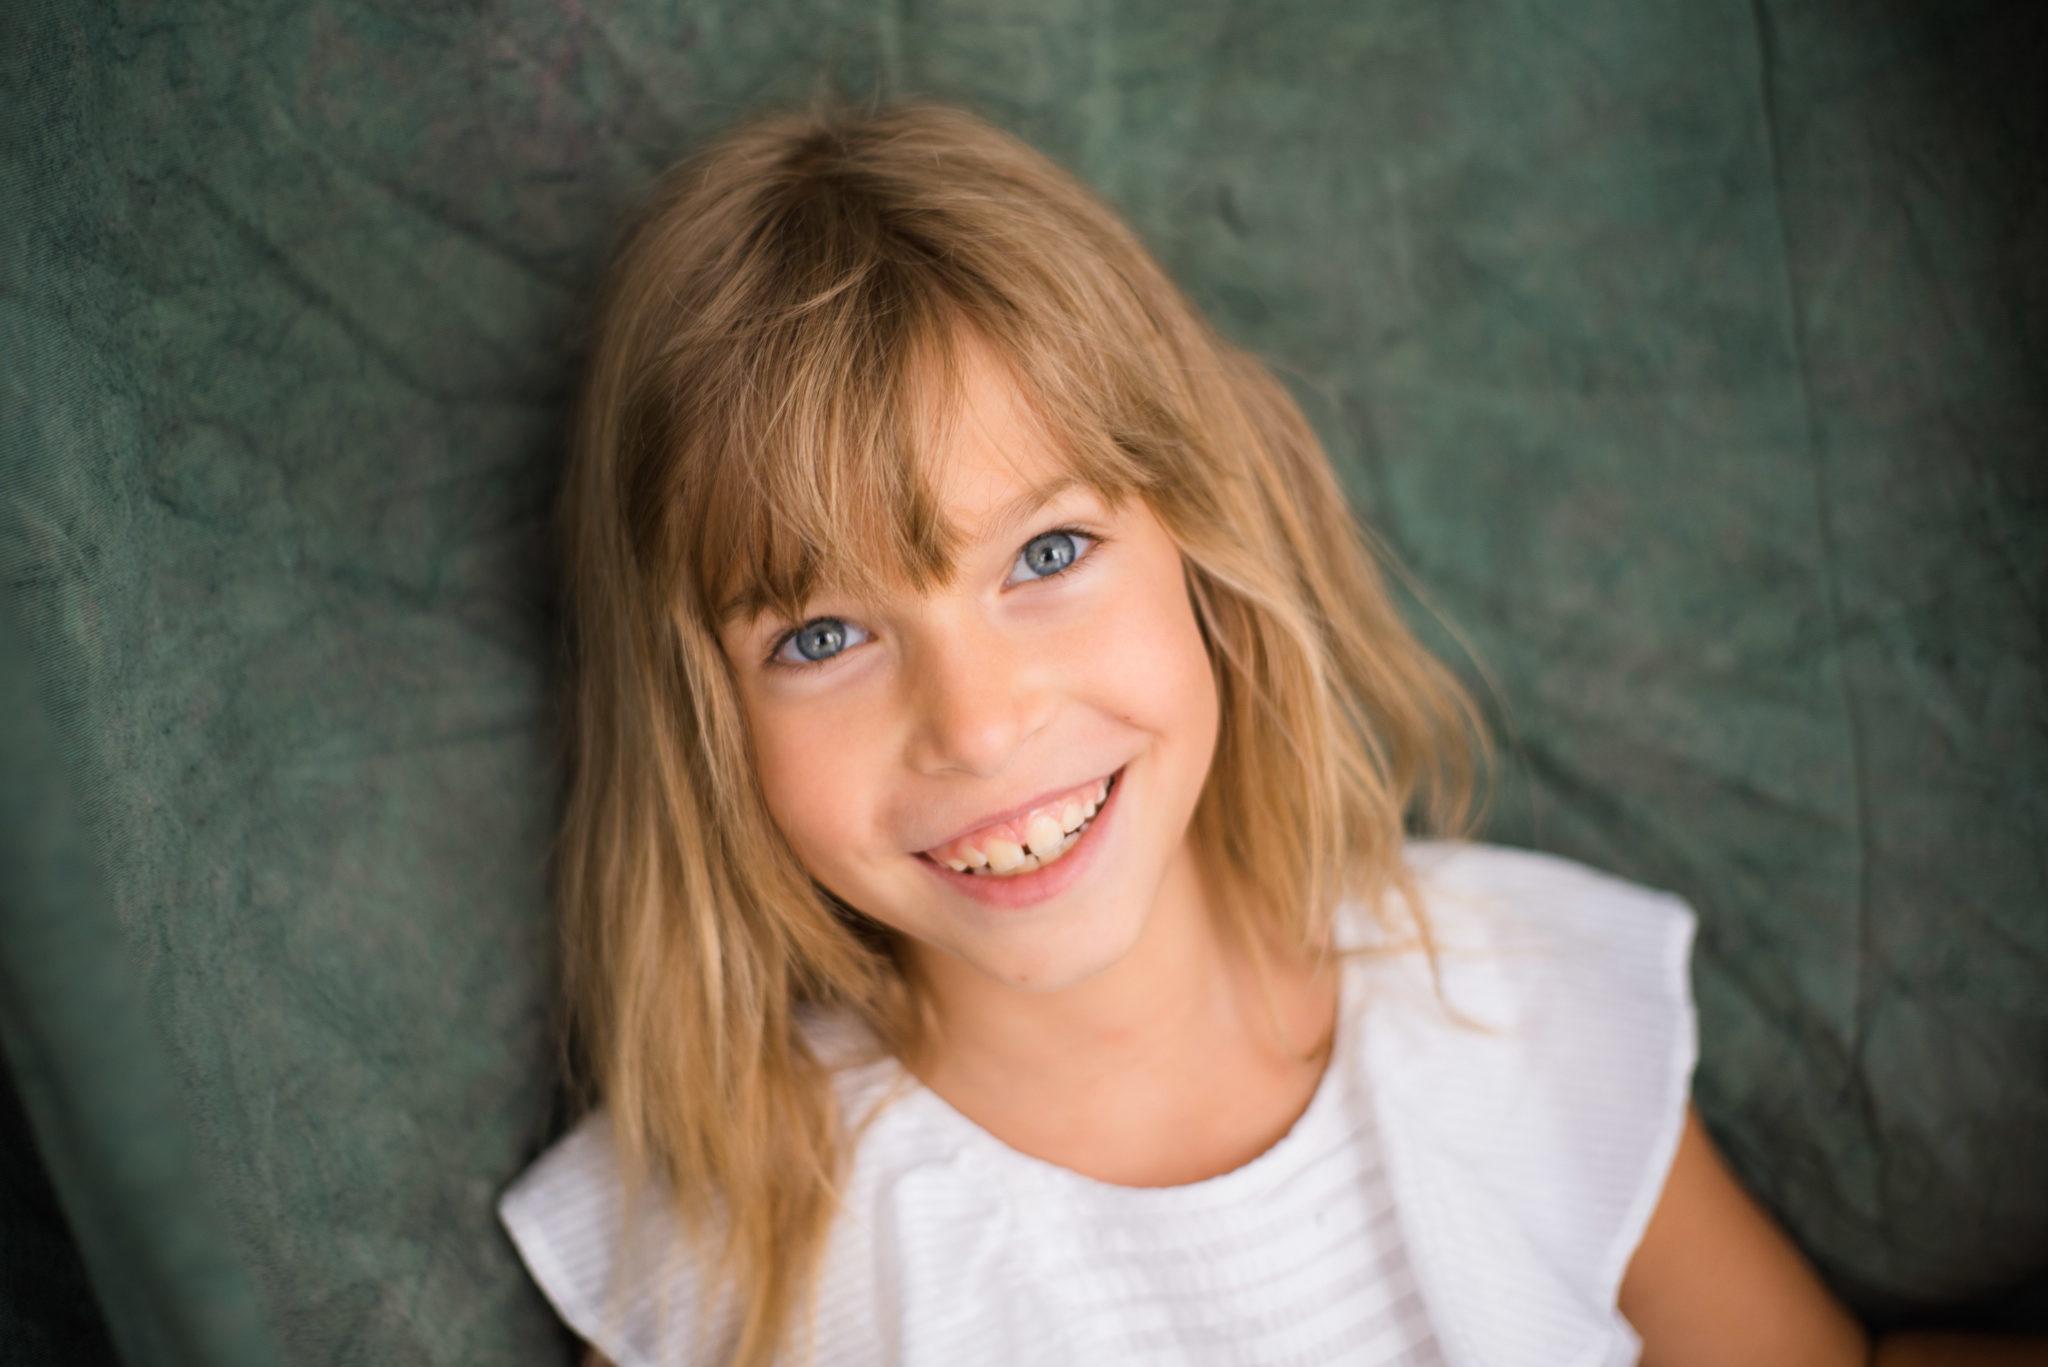 Детская фотосессия, ребенок в белом платье улыбается в камеру, портрет